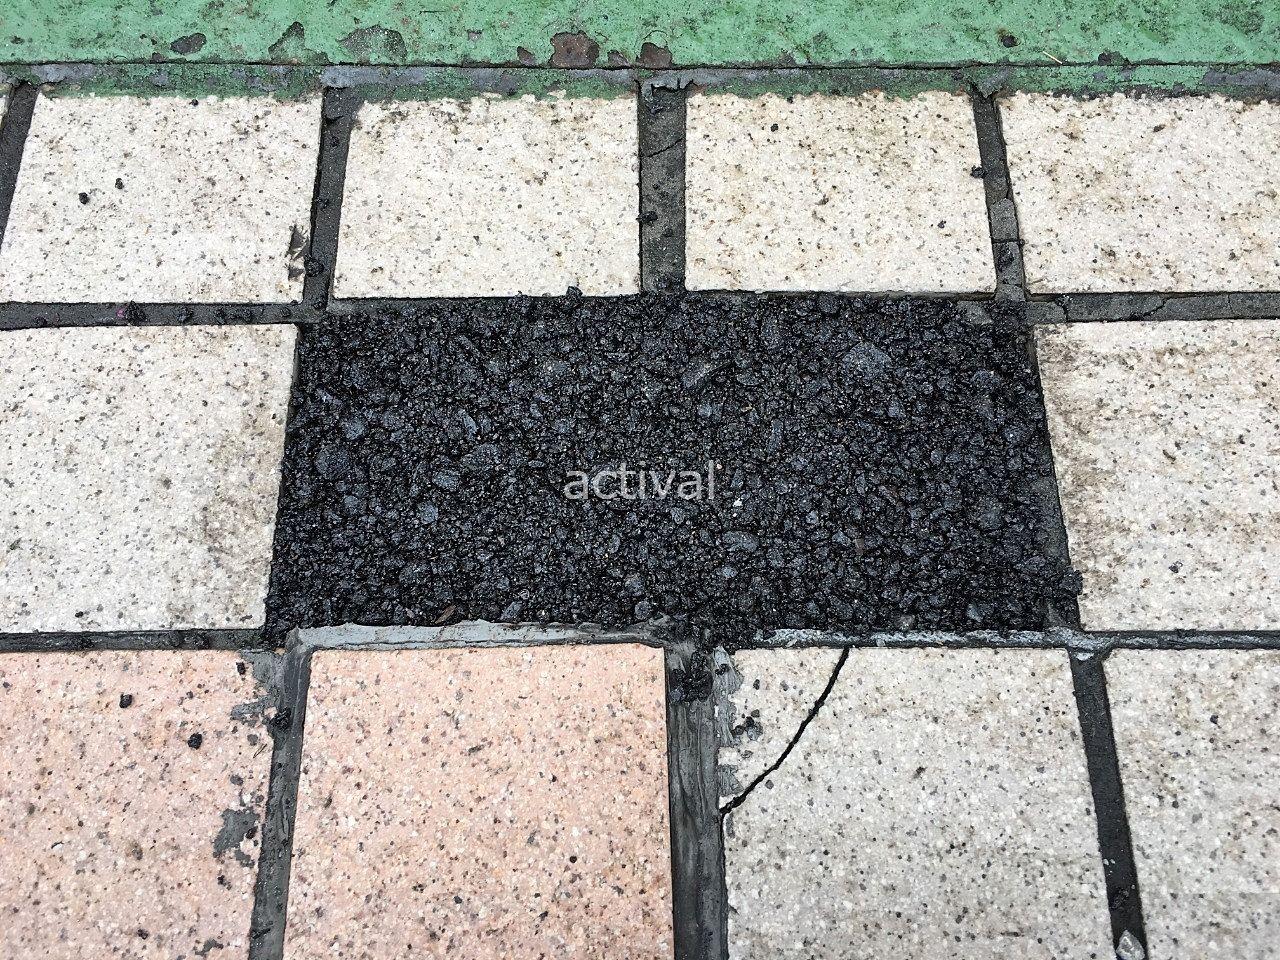 ア・ス・ヴェルデのテナント「たばこ専門店コンパル」さんの前にある補修後のタイルです!!